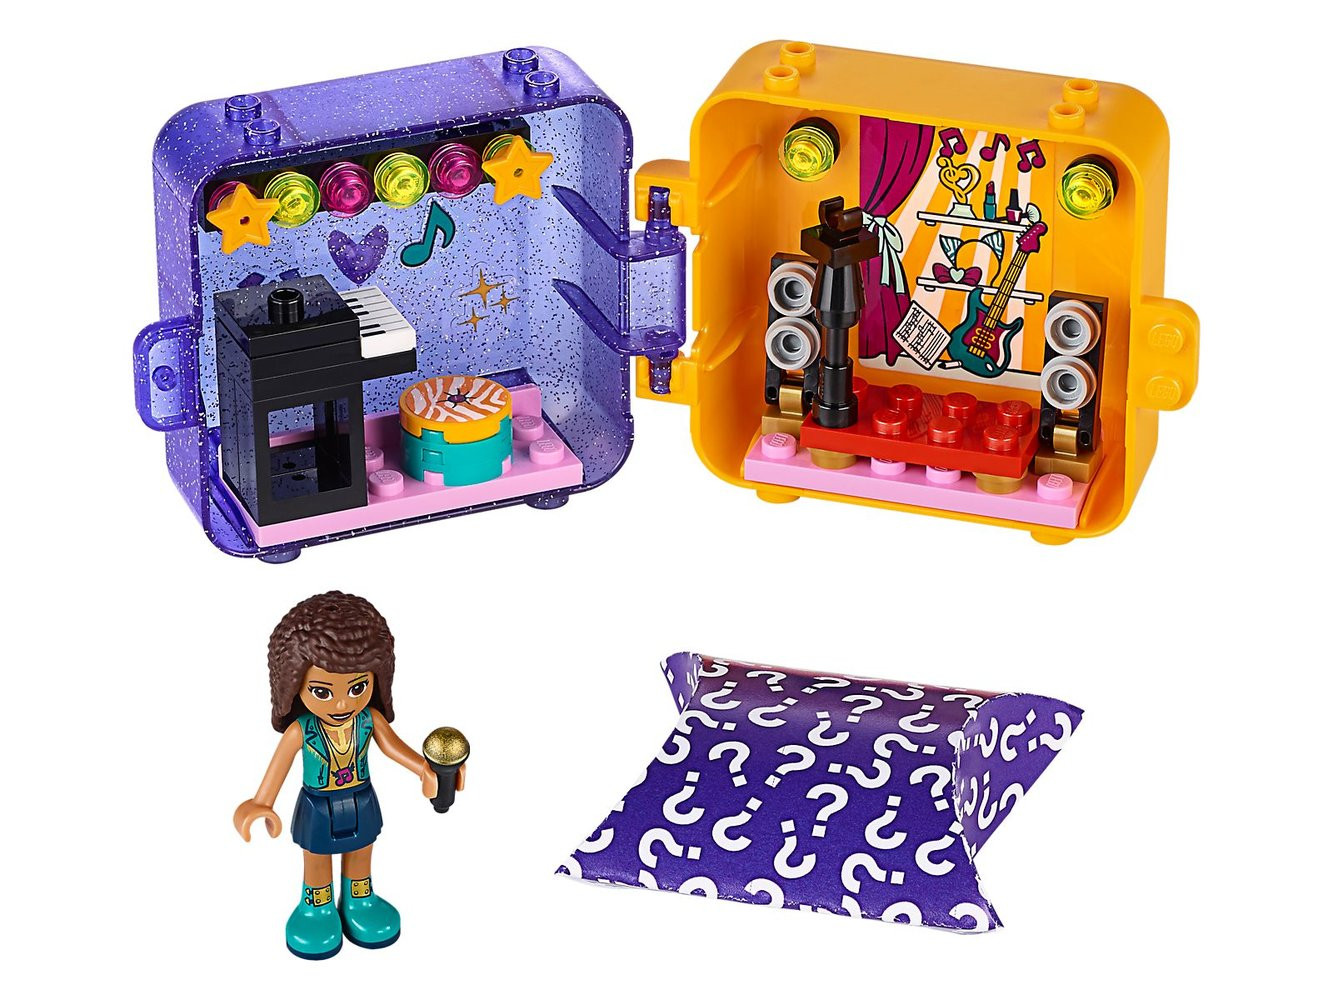 Andrea's Play Cube